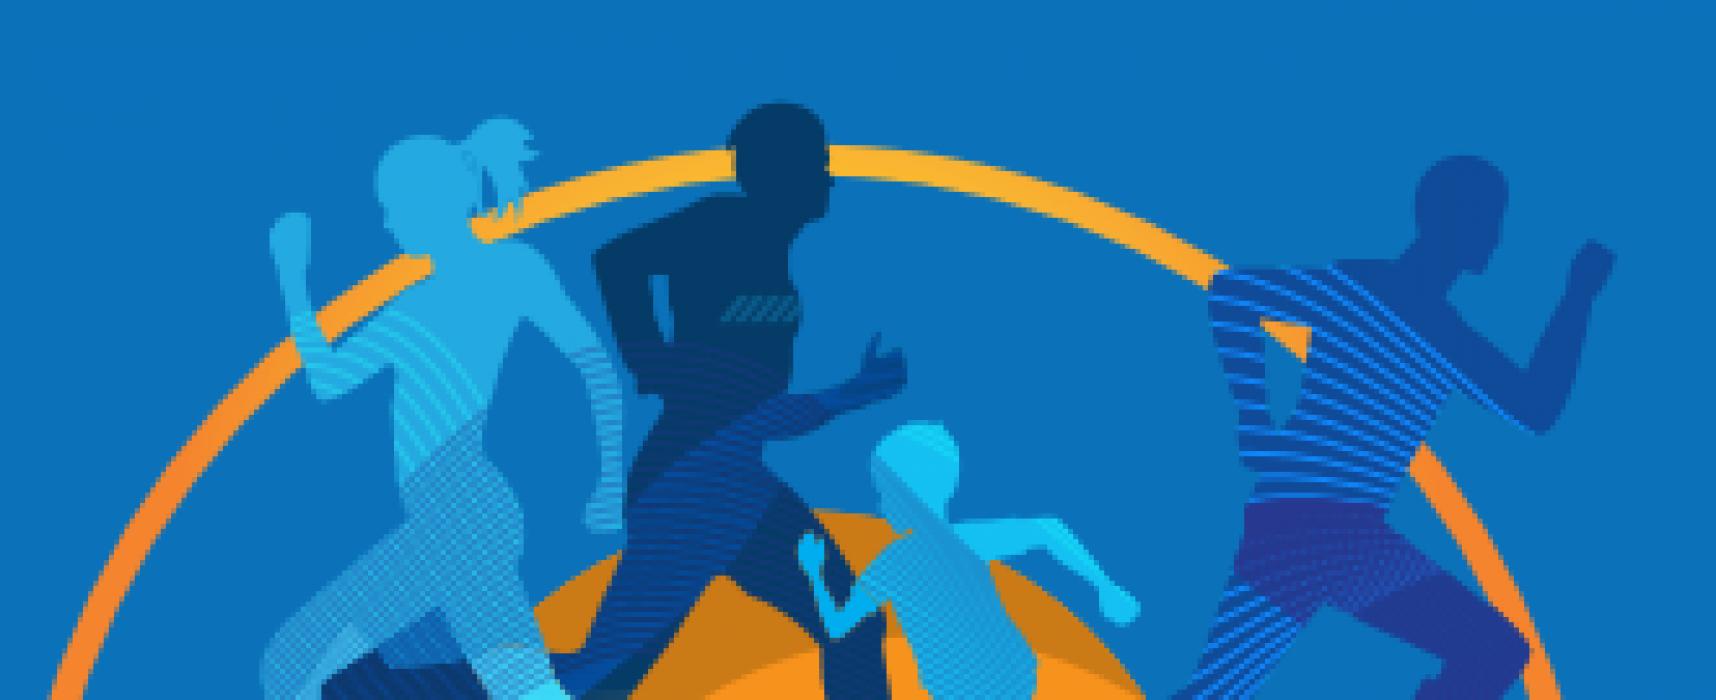 Πρόσκληση της ΓΓΑ στα σωματεία για τη συμμετοχή στο διαδικτυακό διάλογο:  «Αθλητισμός 2021– Συμπαίκτες στη Μεταρρύθμιση».